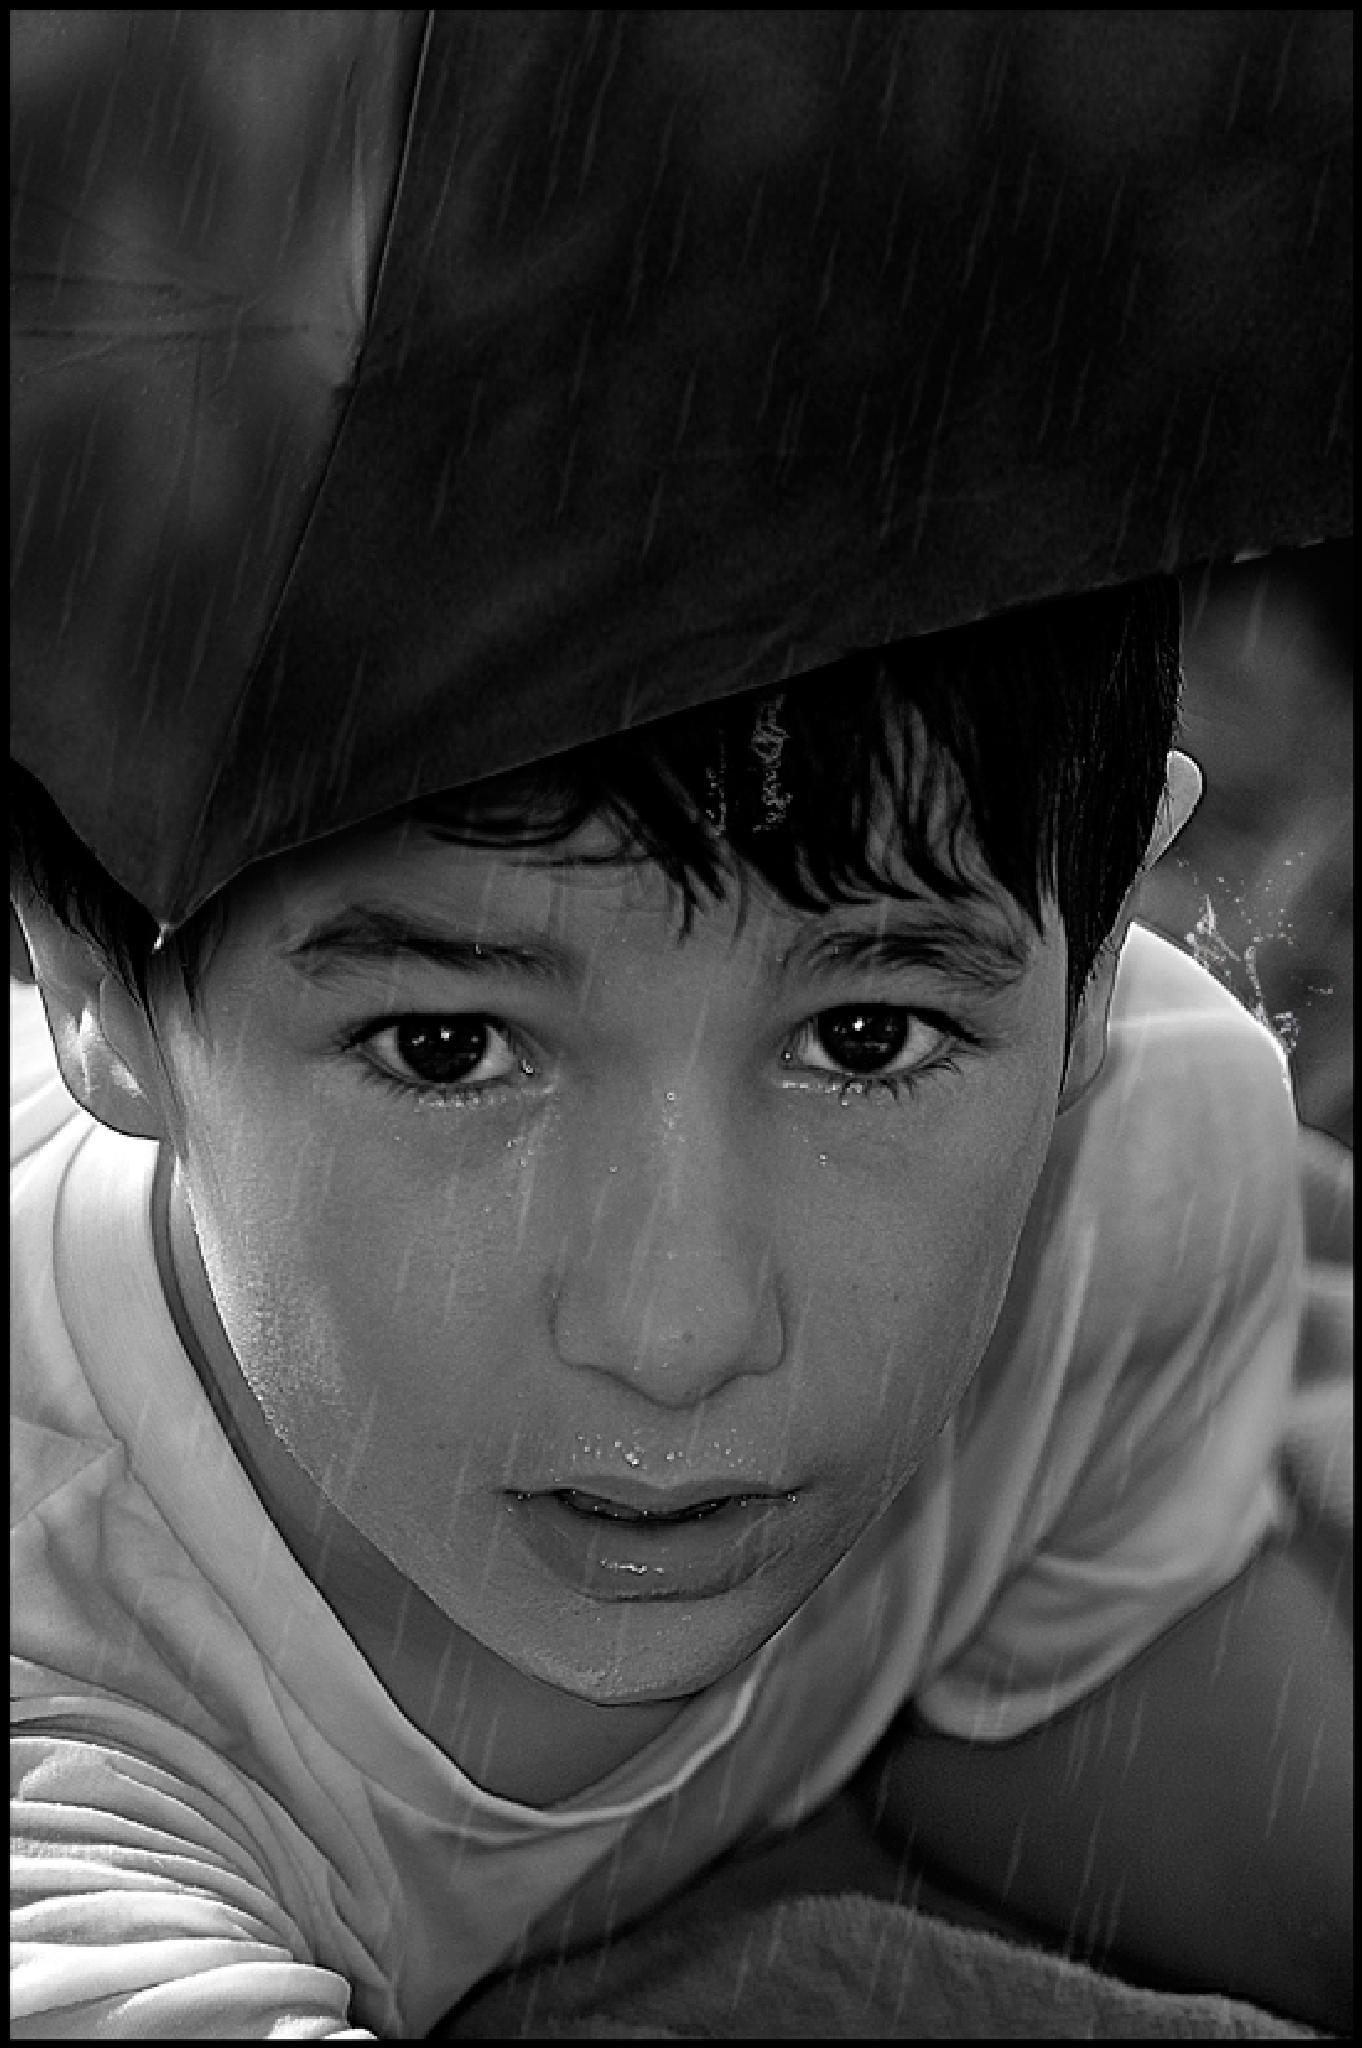 Boy in Rain by Aperture5point6